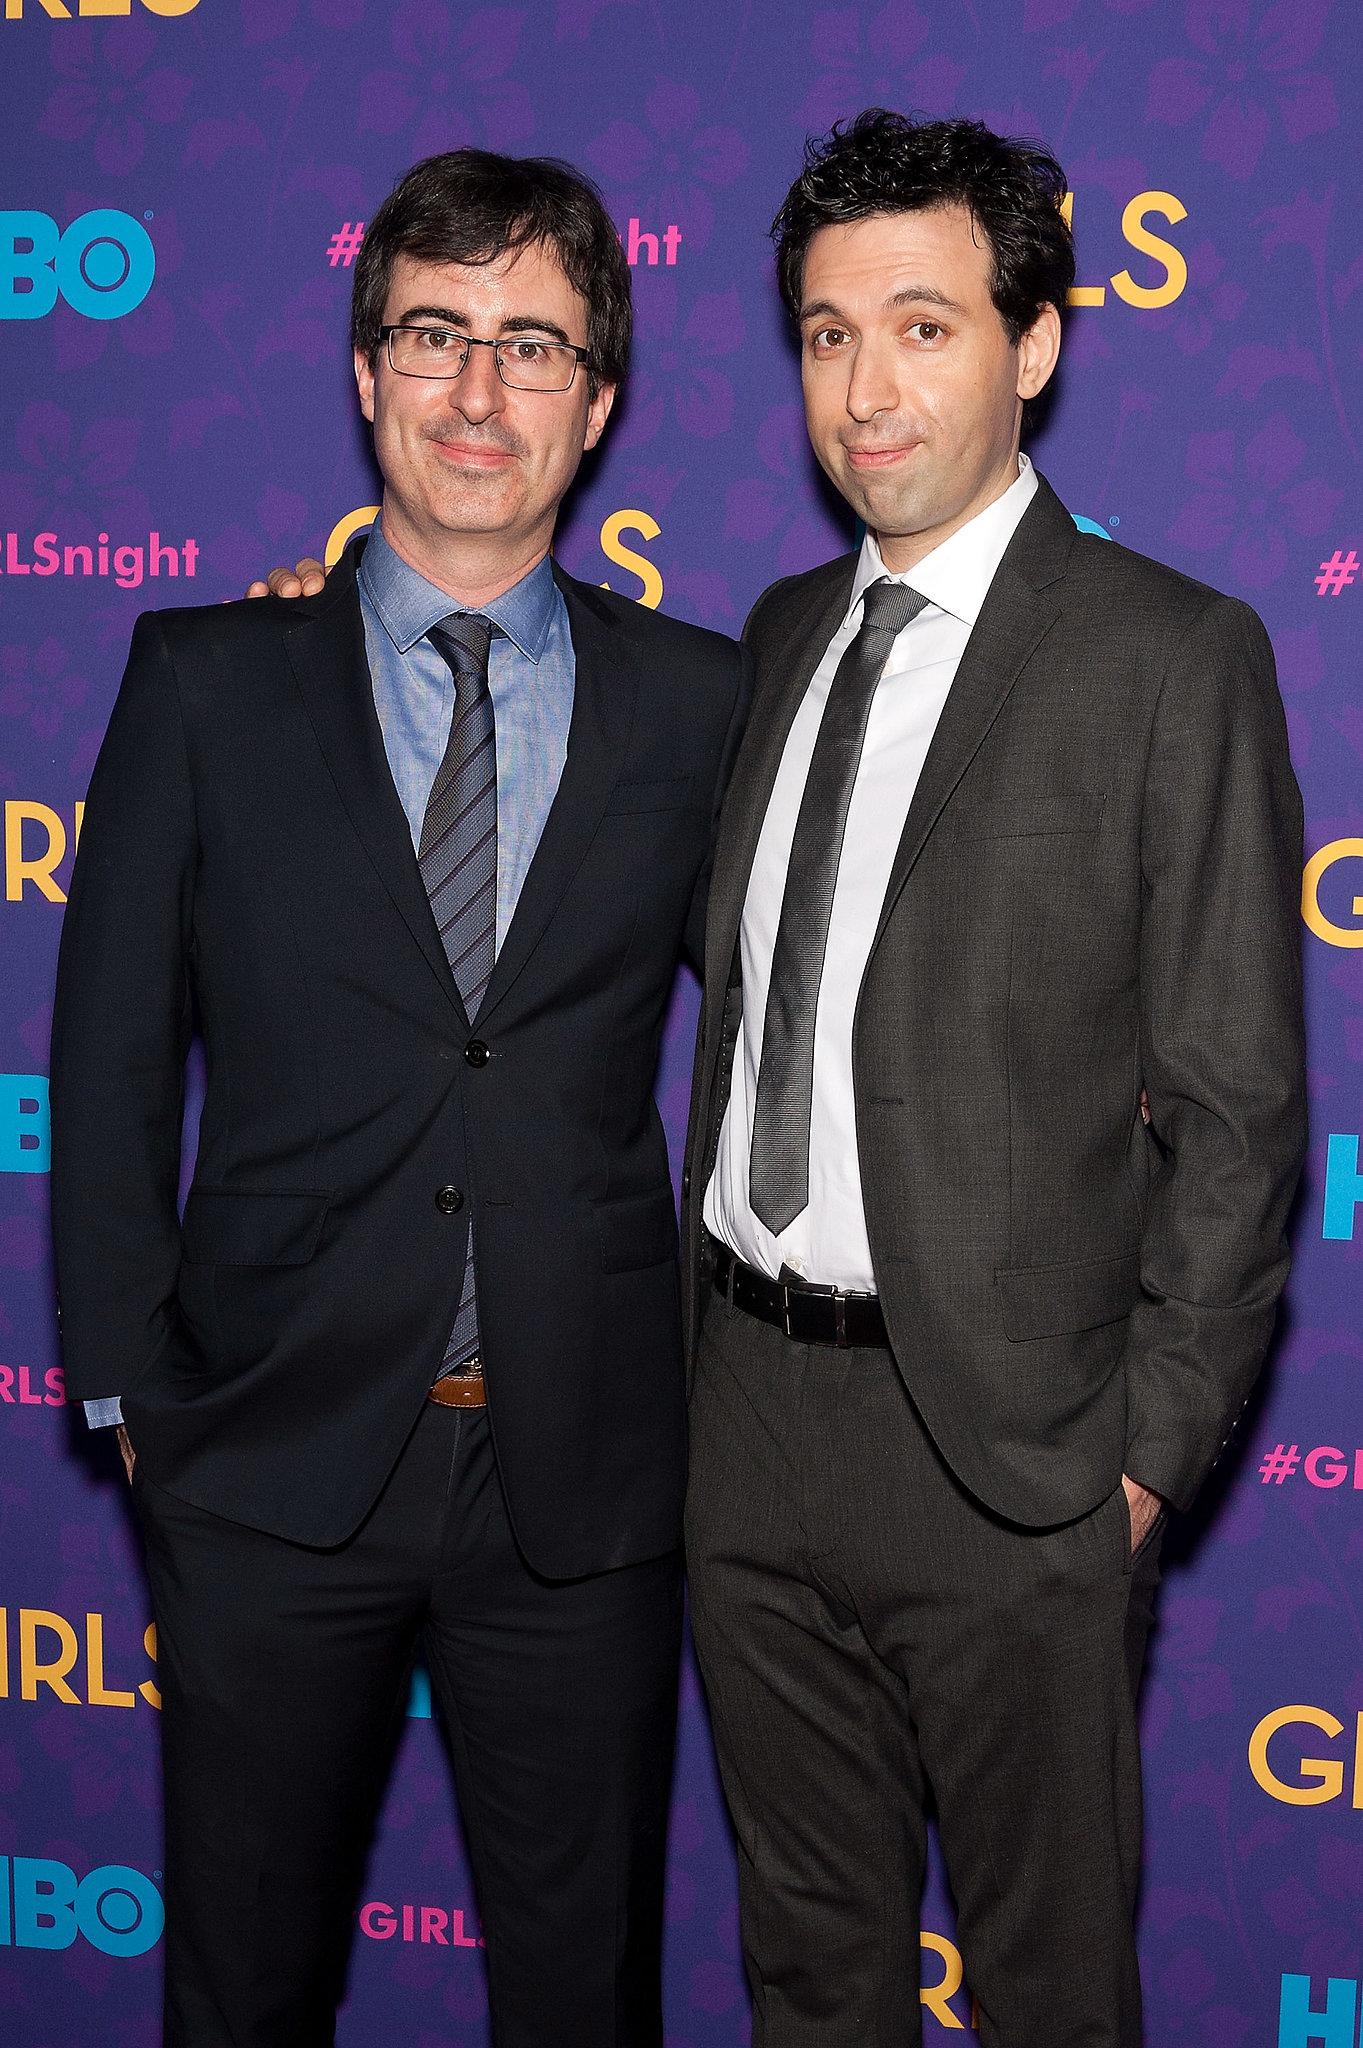 Alex Karpovsky and John Oliver were buddy-buddy.